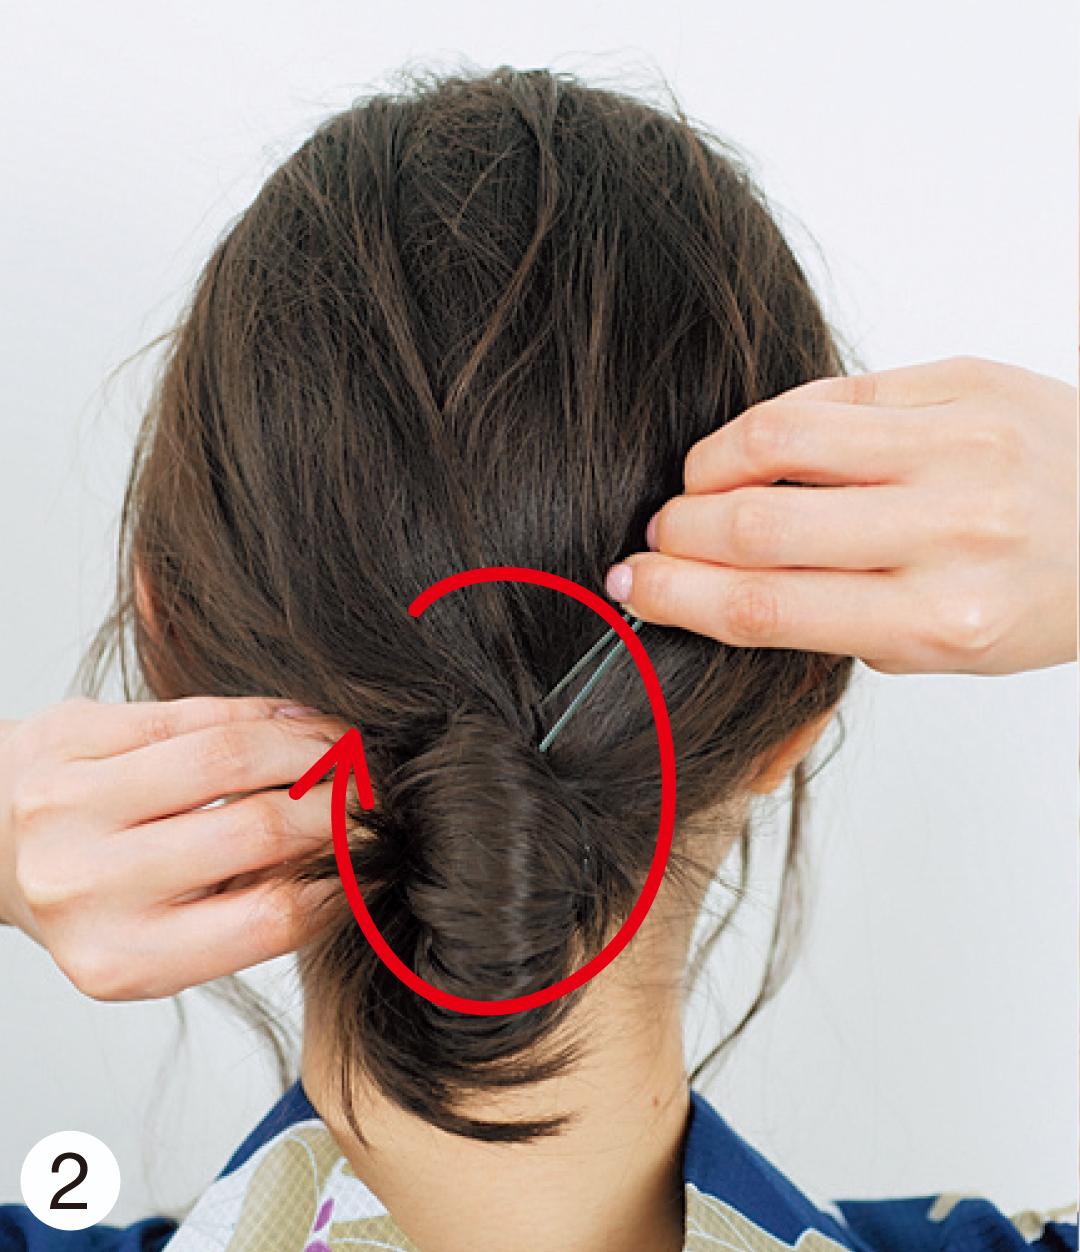 1で残しておいた毛先を結び目に巻きつけ、ピンで固定。ポロポロと落ちてきた毛先は、逆にニュアンスになるのでそのままでOK。